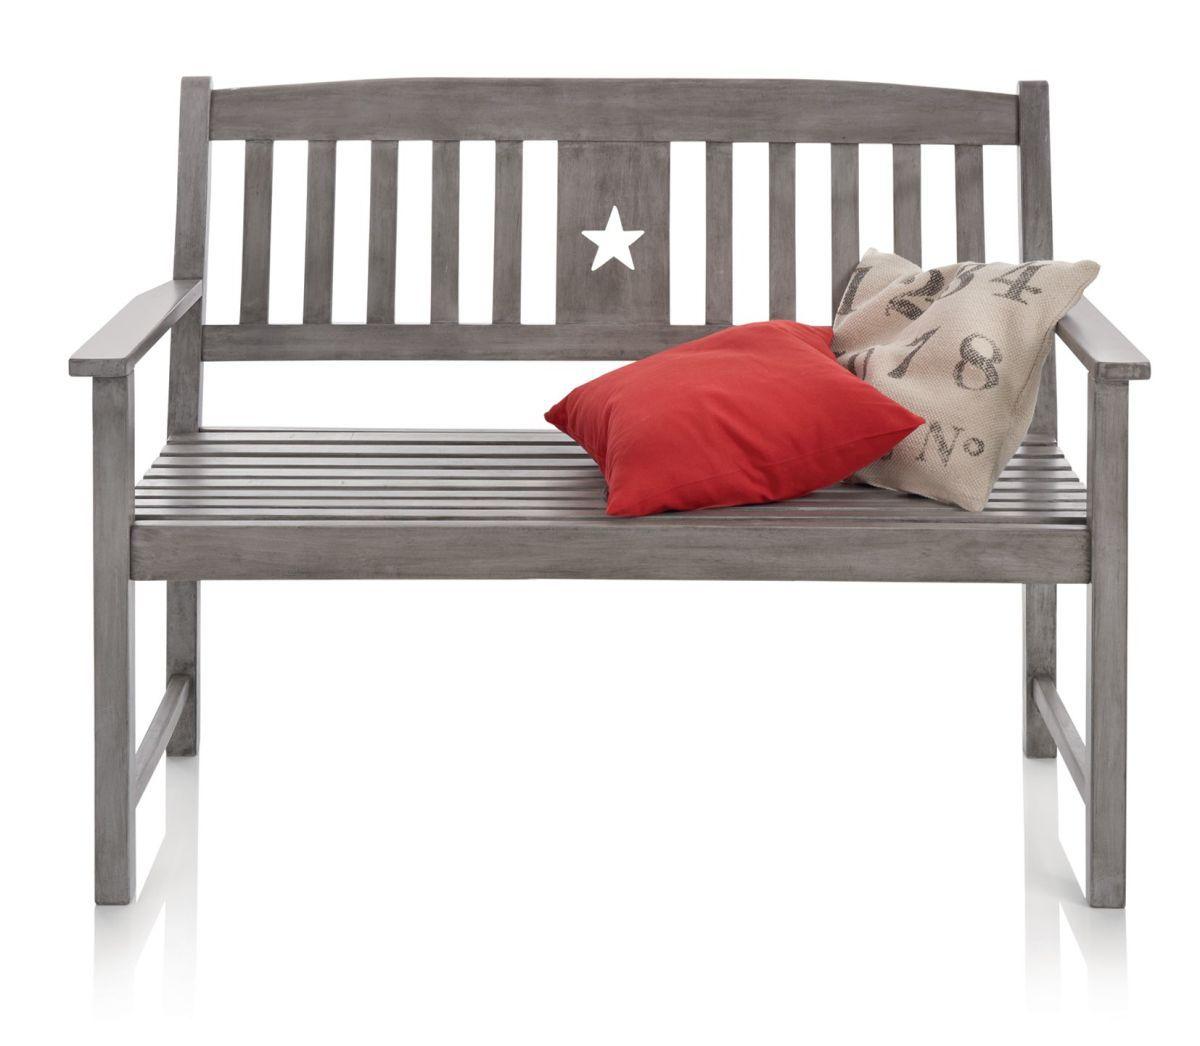 gartenbank von strauss innovation ansehen. Black Bedroom Furniture Sets. Home Design Ideas